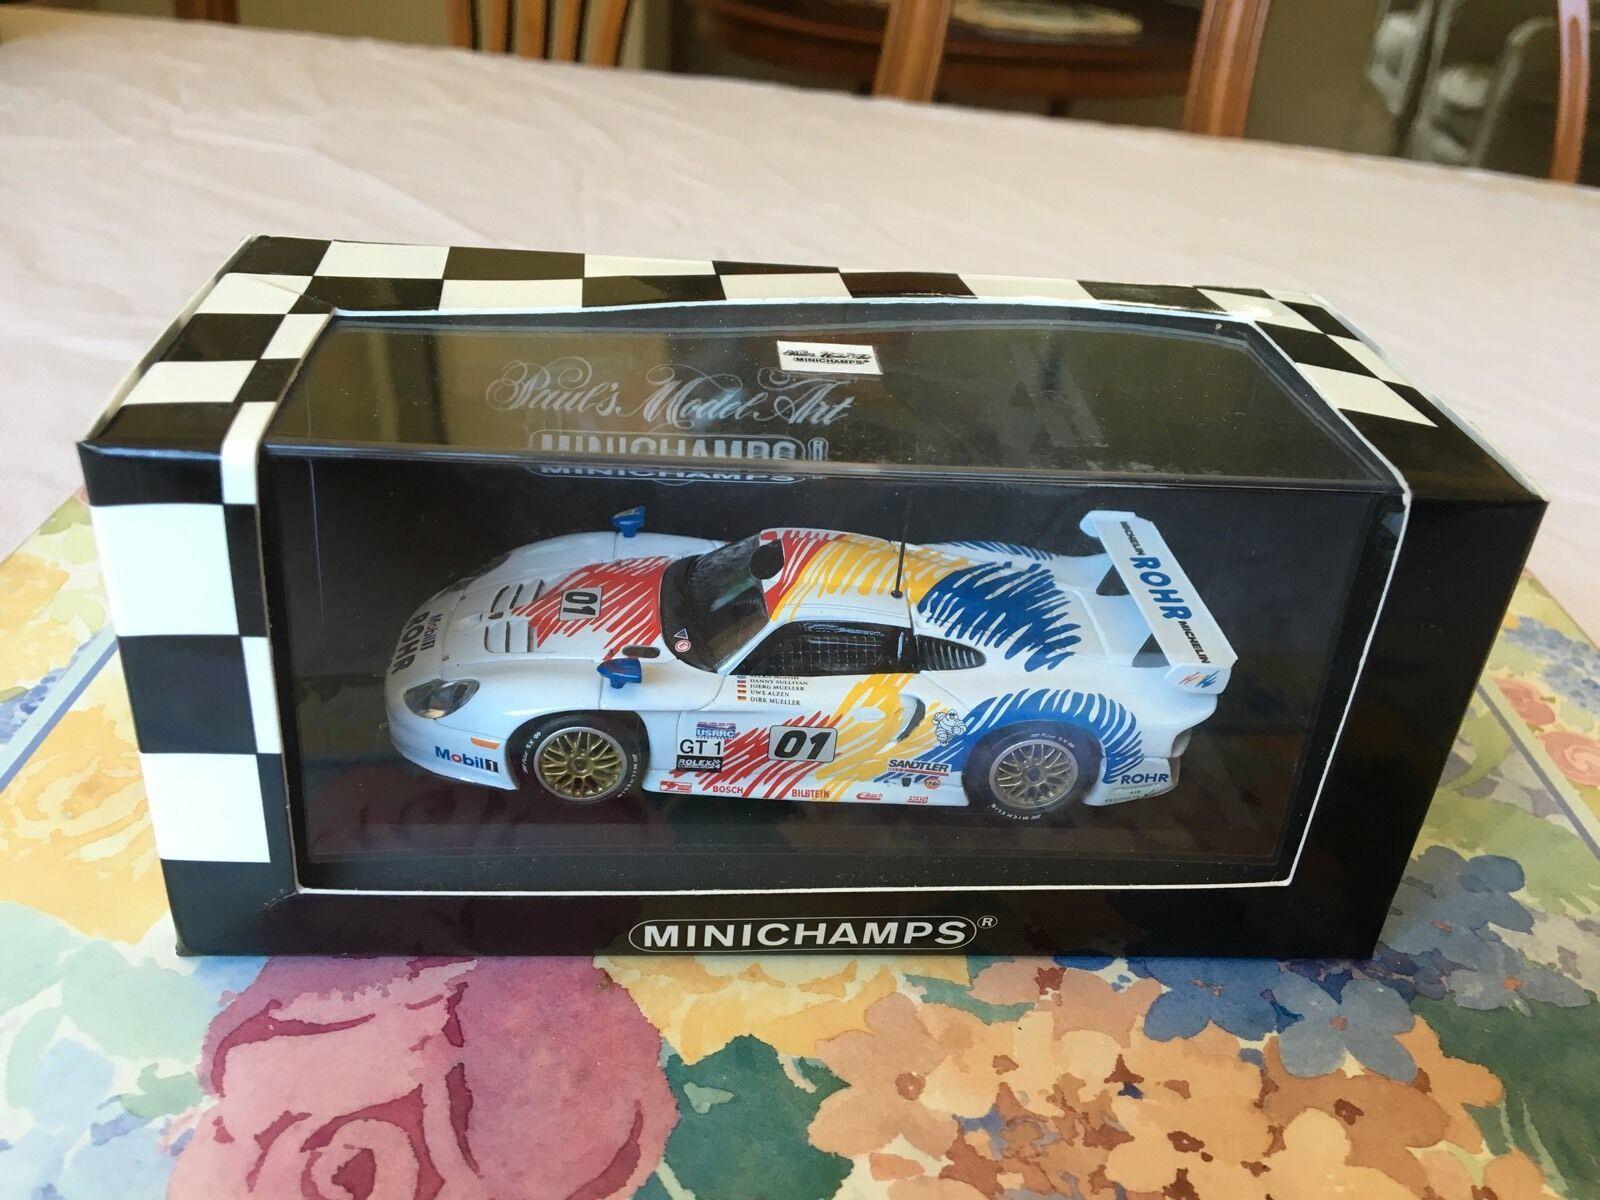 Minichamps Porsche 911 GT1, 2nd Daytona 1998. Team Rohr in 1 43 scale diecast